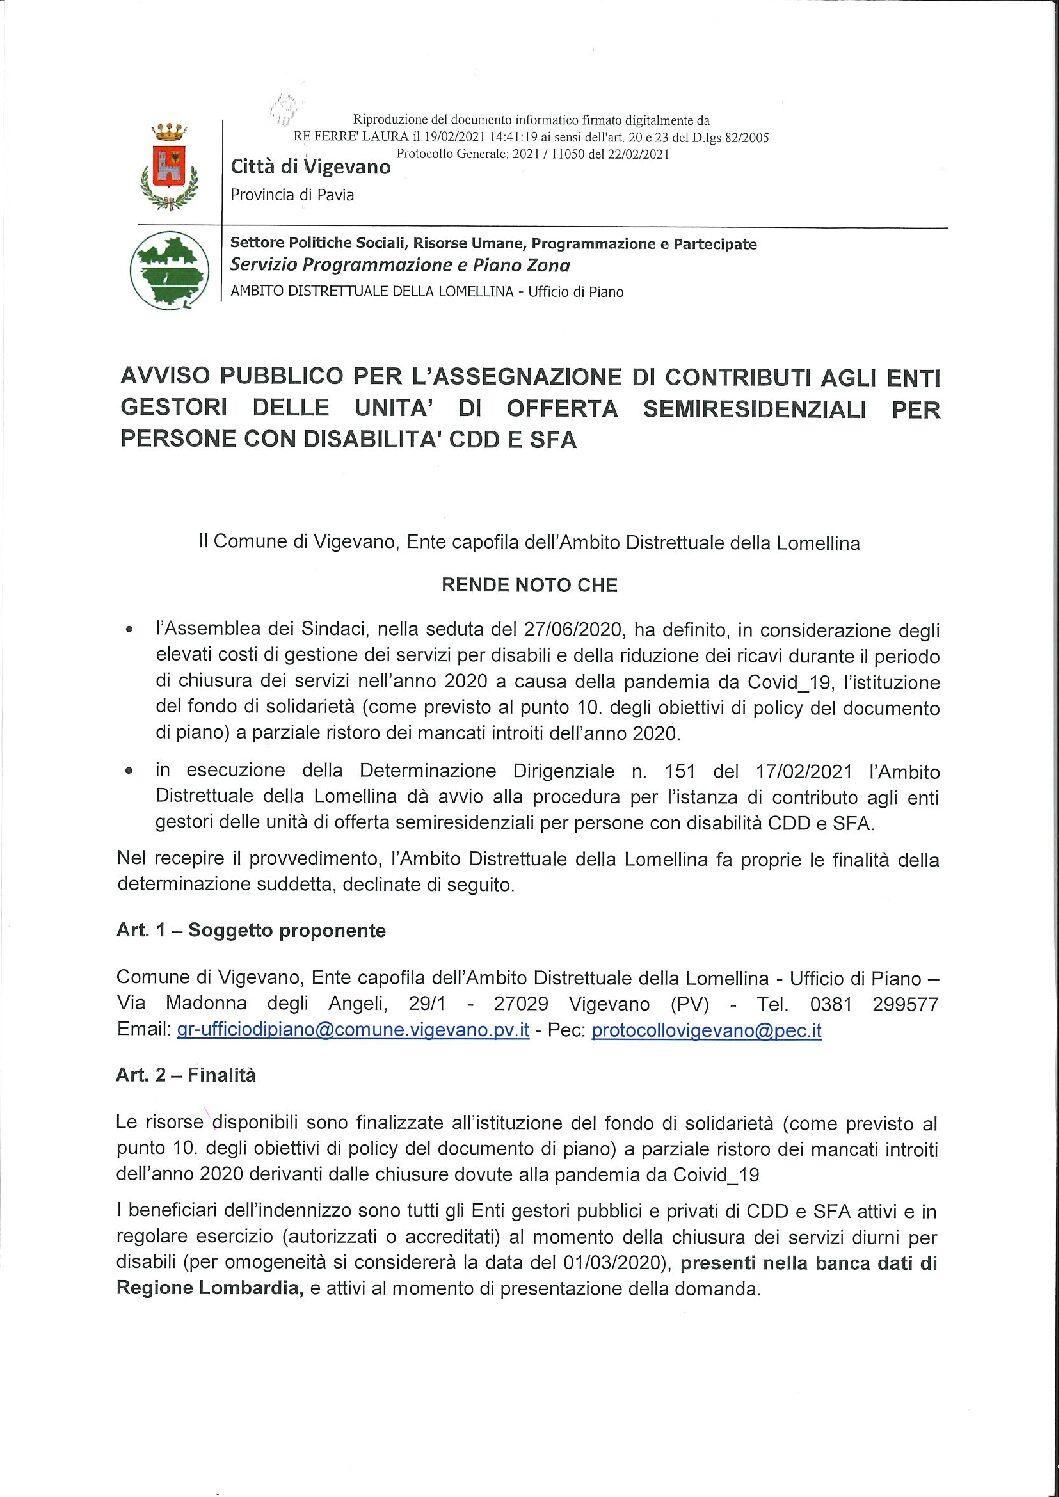 AMBITO DISTRETTUALE DELLA LOMELLINA – Ufficio di Piano: AVVISO PUBBLICO PER L'ASSEGNAZIONE DI CONTRIBUTI AGLI ENTI GESTORI DELLE UNITA' DI OFFERTA SEMIRESIDENZIALI PER PERSONE CON DISABILITA' CDD E SFA